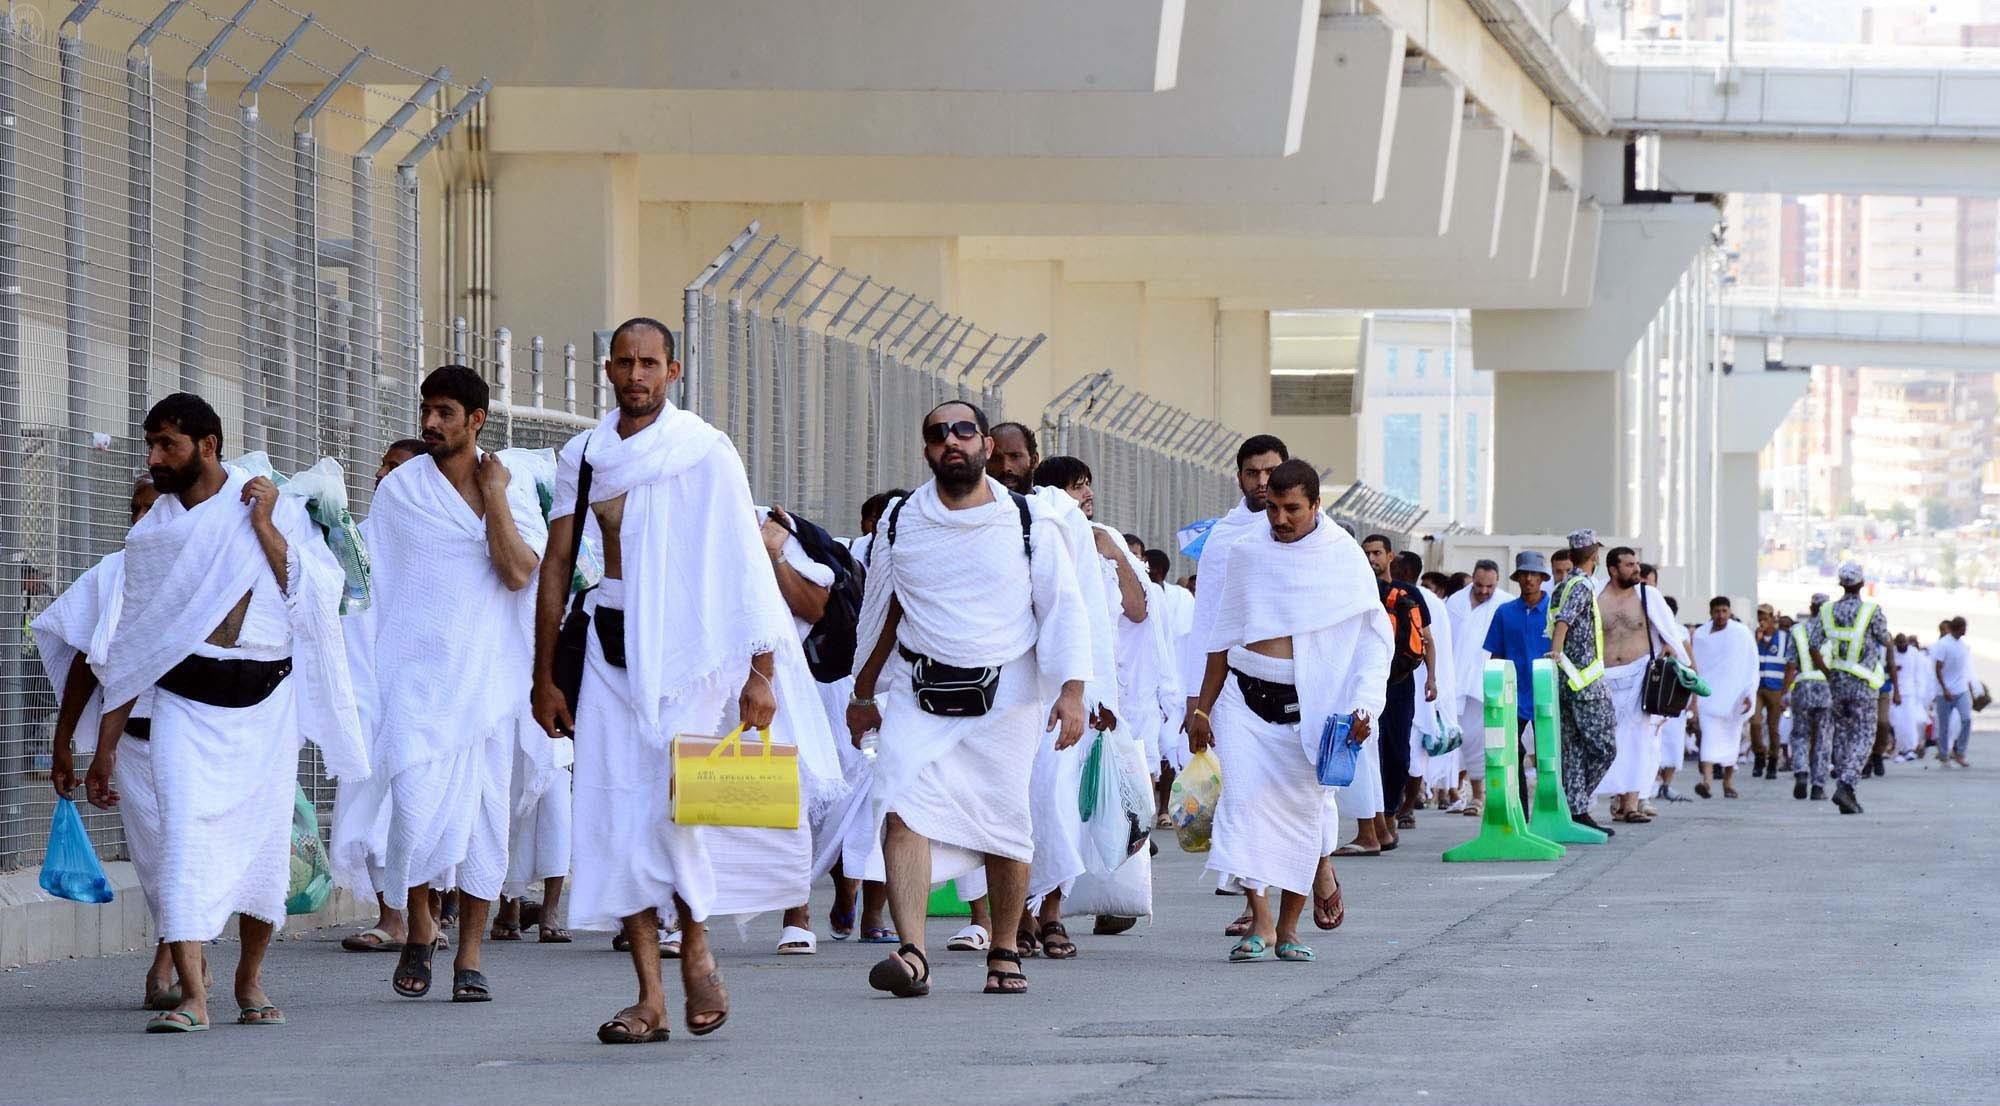 صورة السعودية تعلن قواعد صارمة بشأن نقل الحجاج داخل المملكة